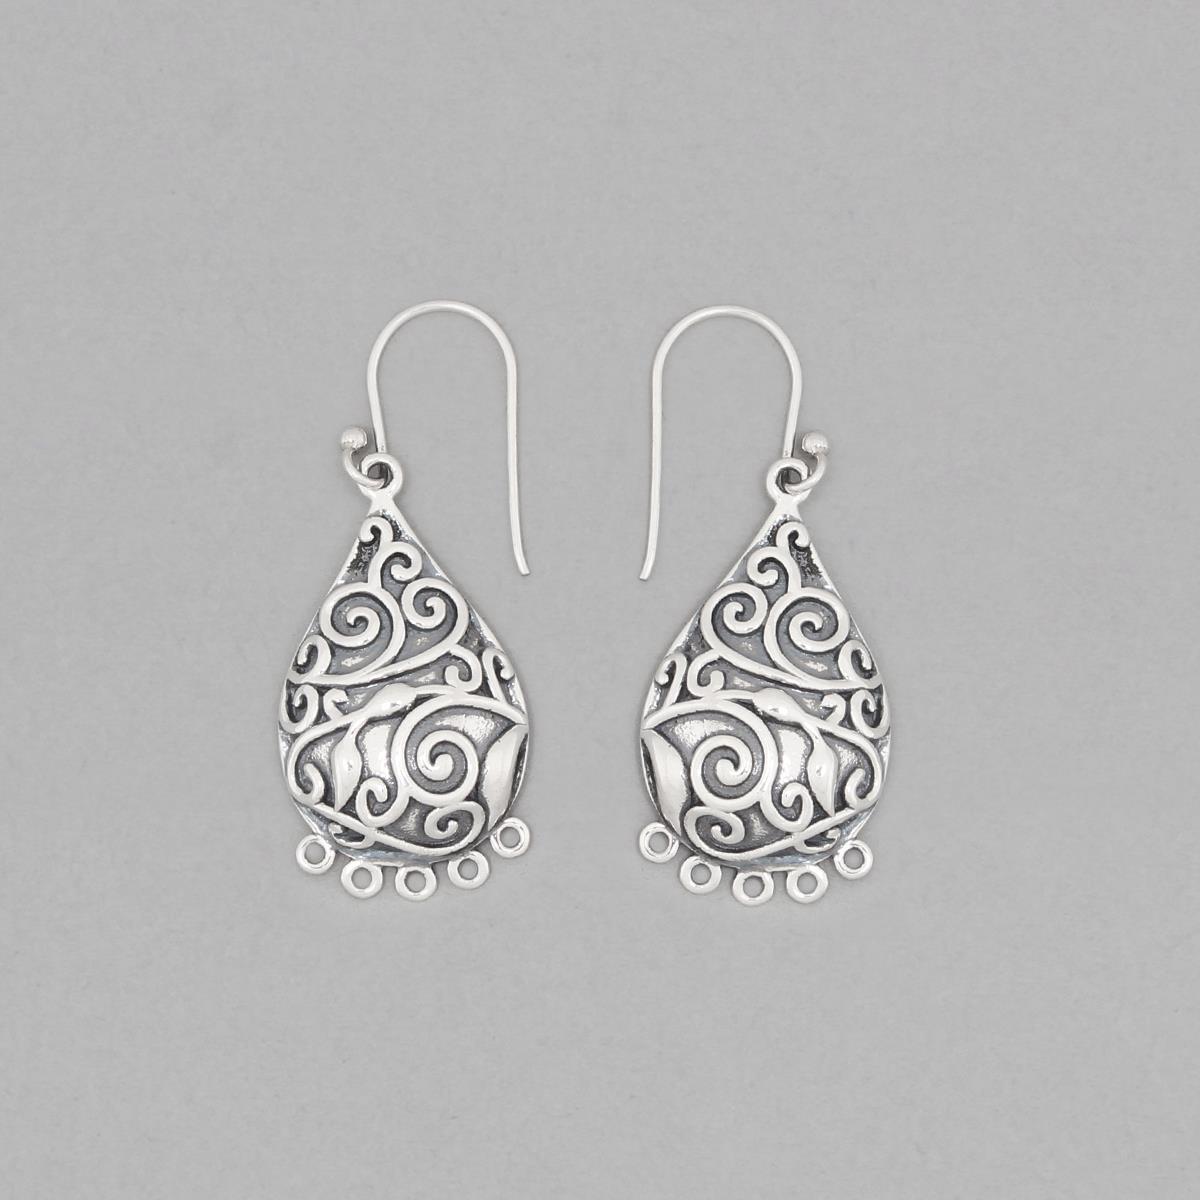 925 Sterling Silver Oxidized Vintage Earrings Chandelier